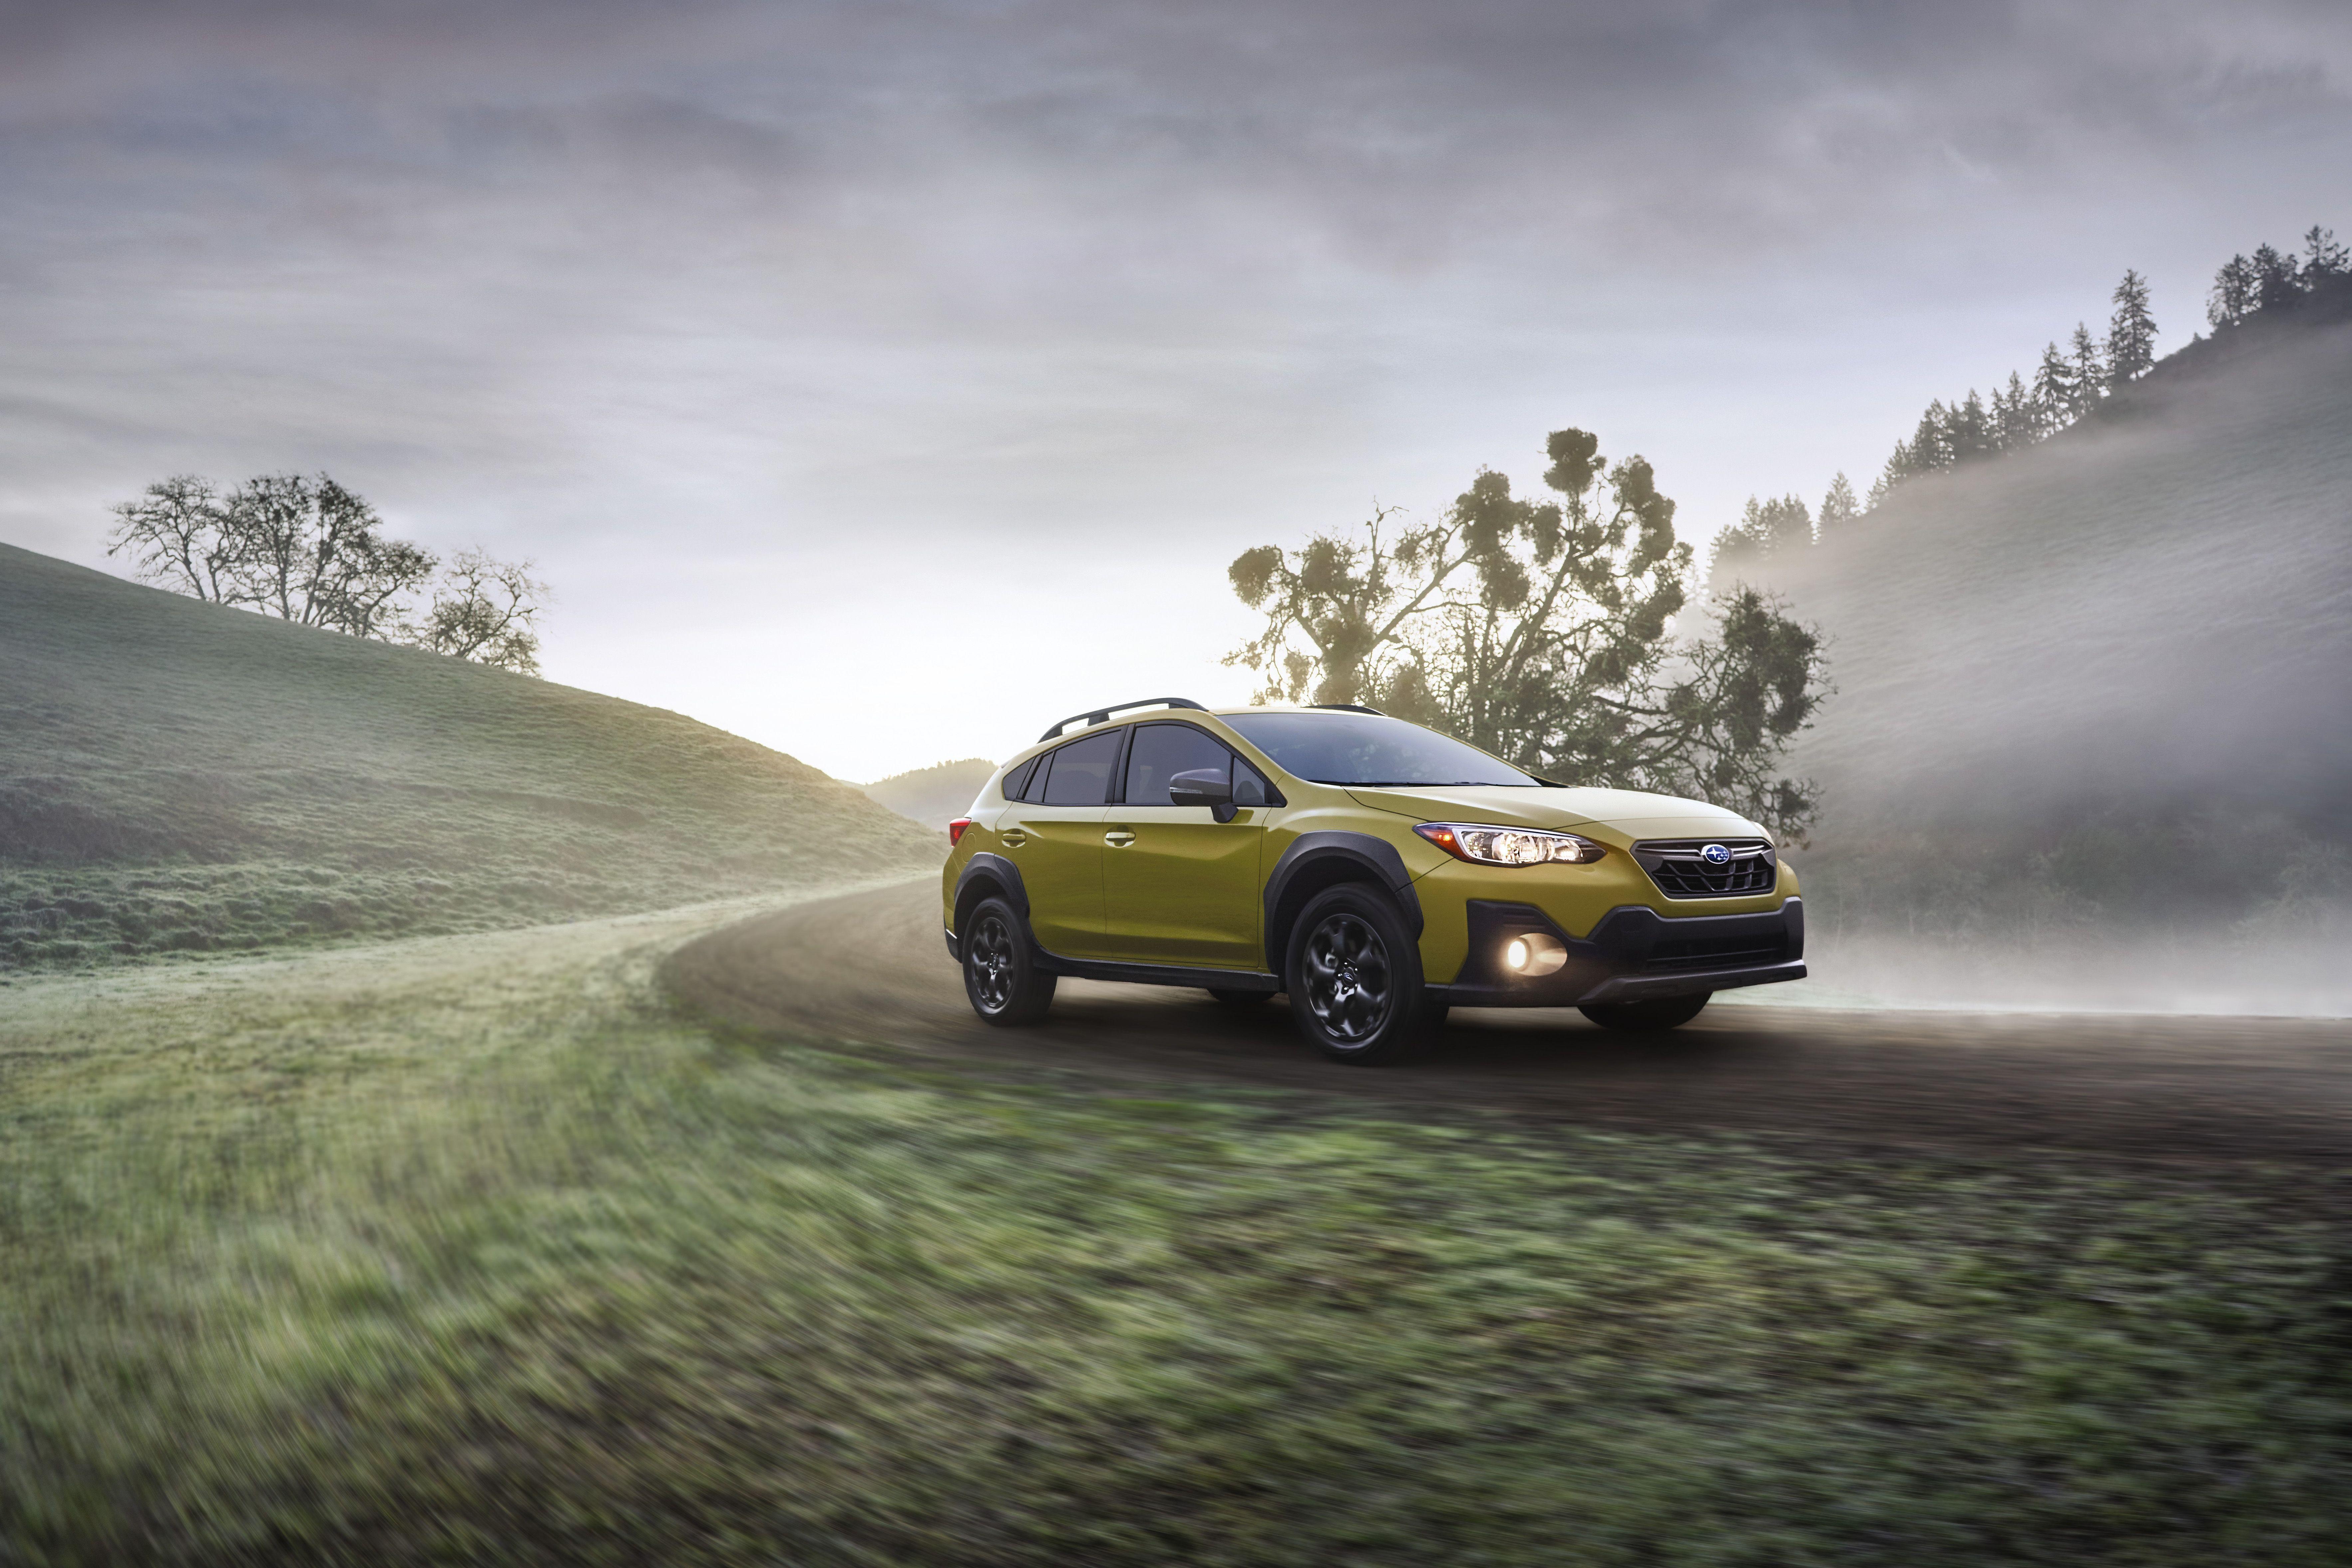 2017 Subaru Crosstrek Limited 2 0i Cvt Features And Specs